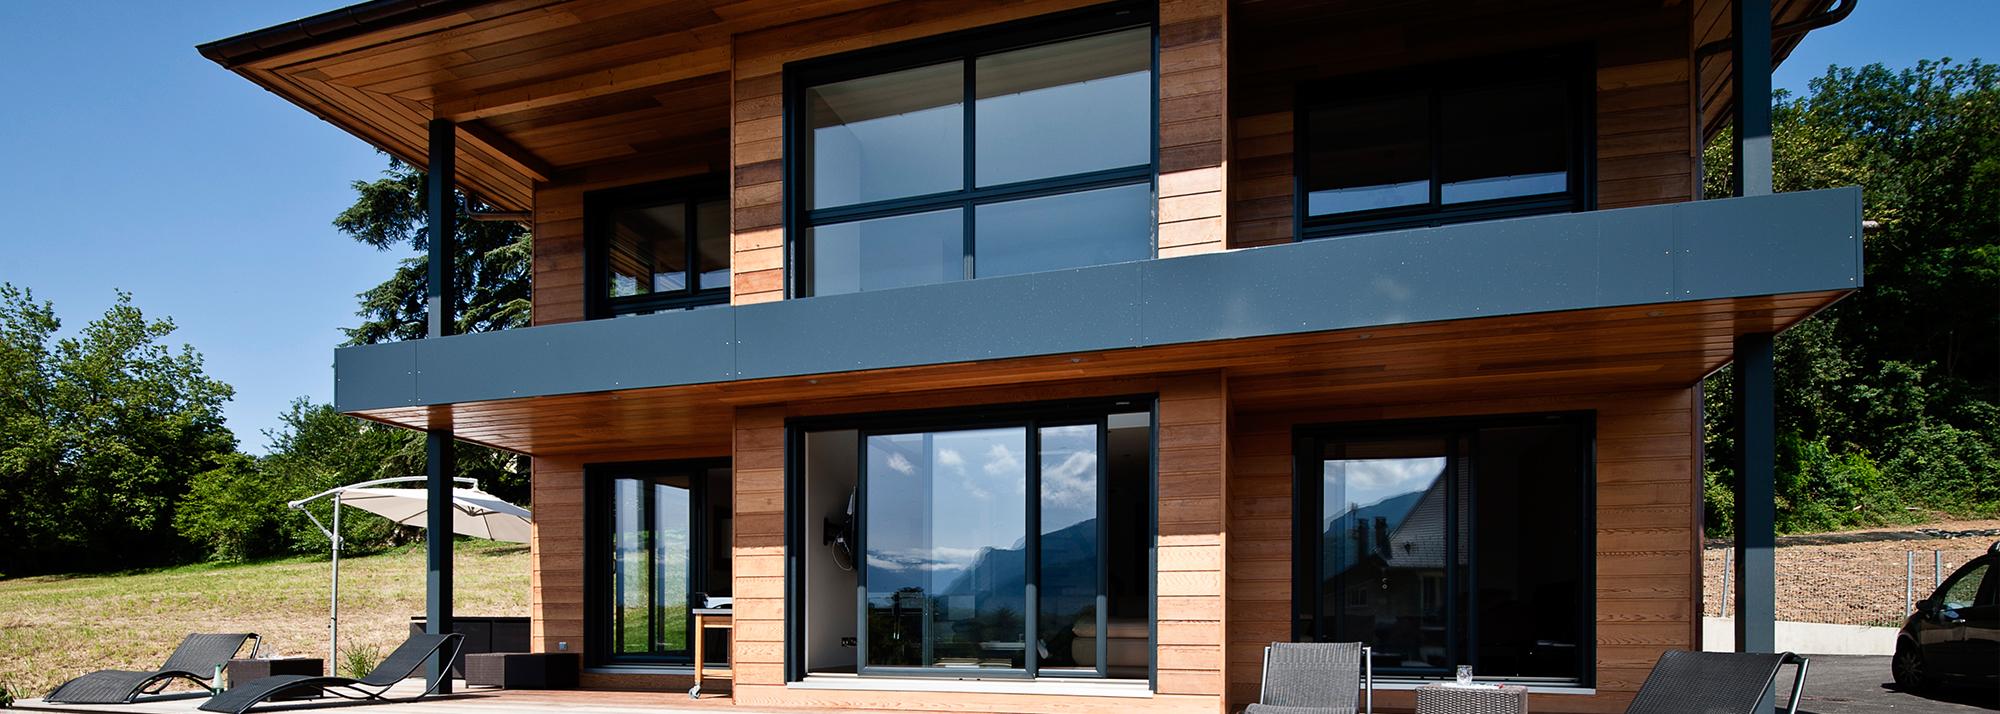 Constructeur maison ossature bois haute savoie - Maisons contemporaines en bois ...